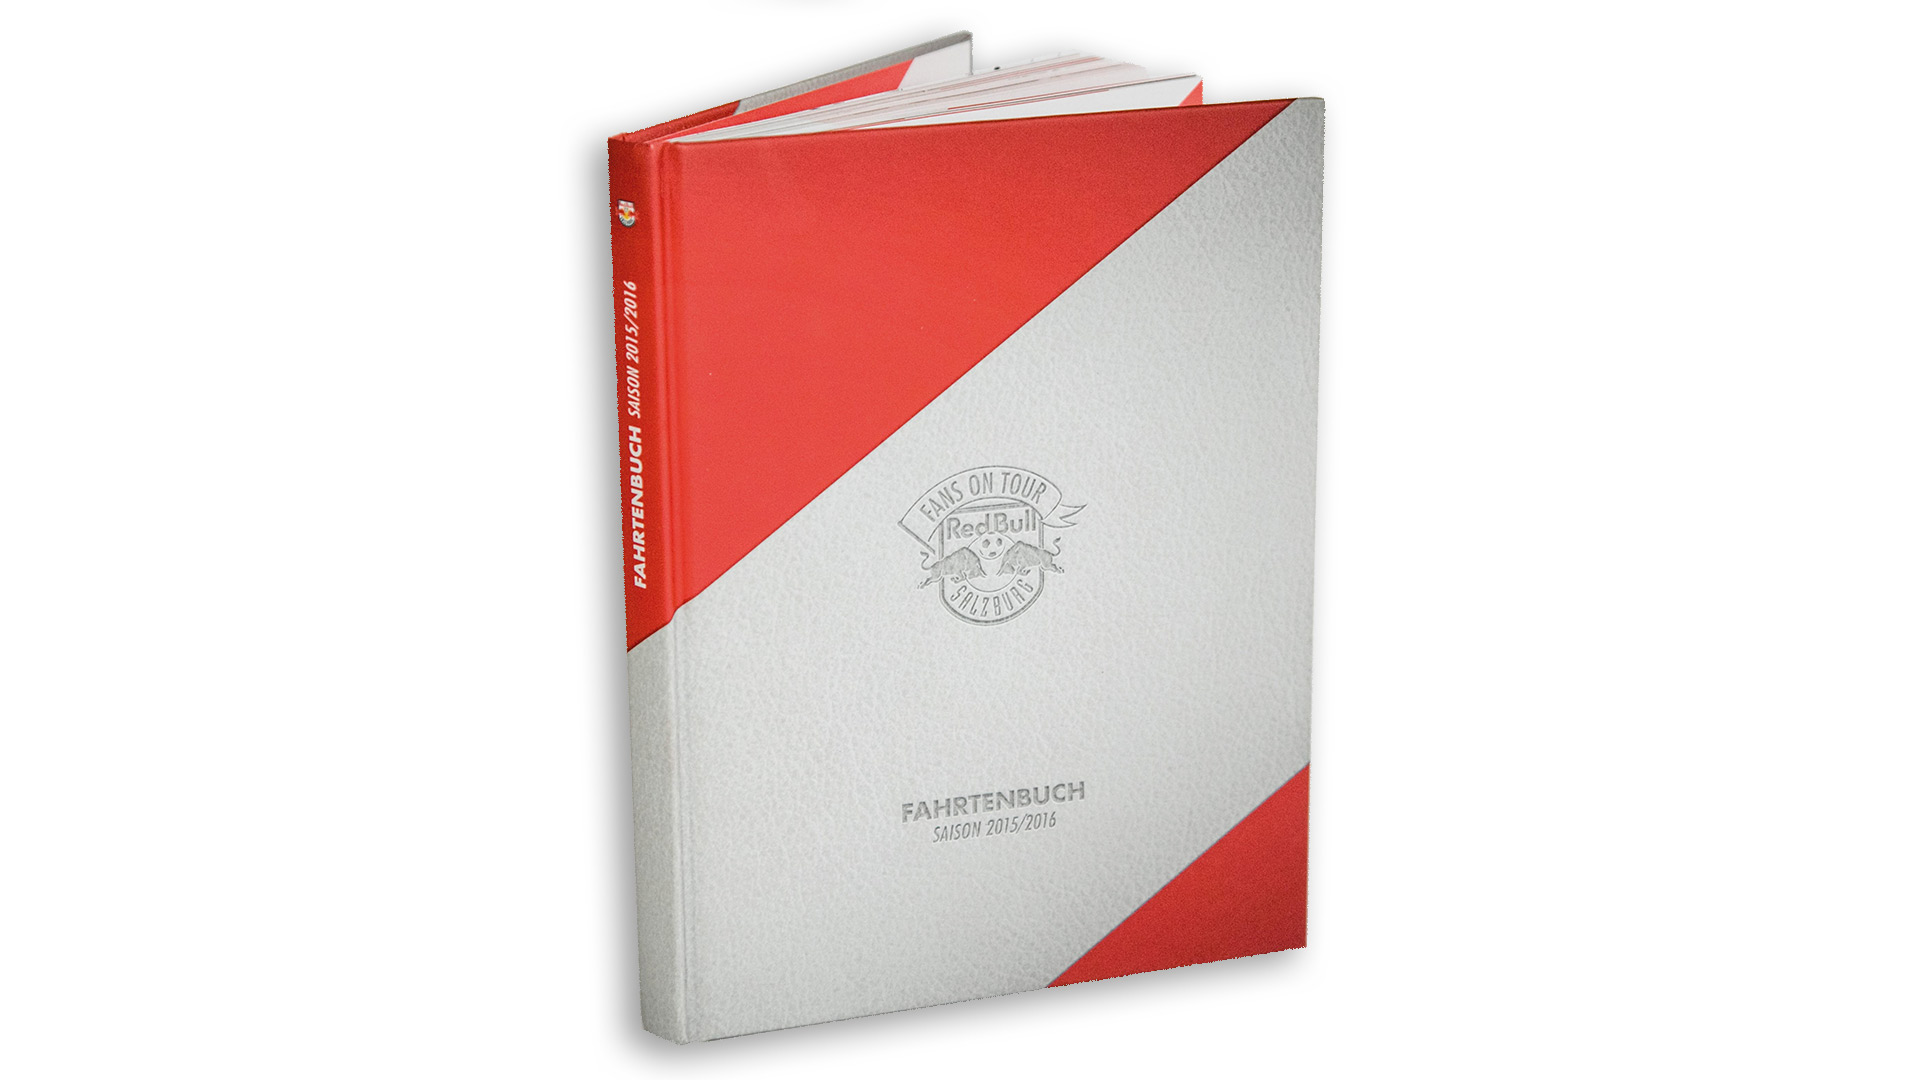 Red Bull Fan Book